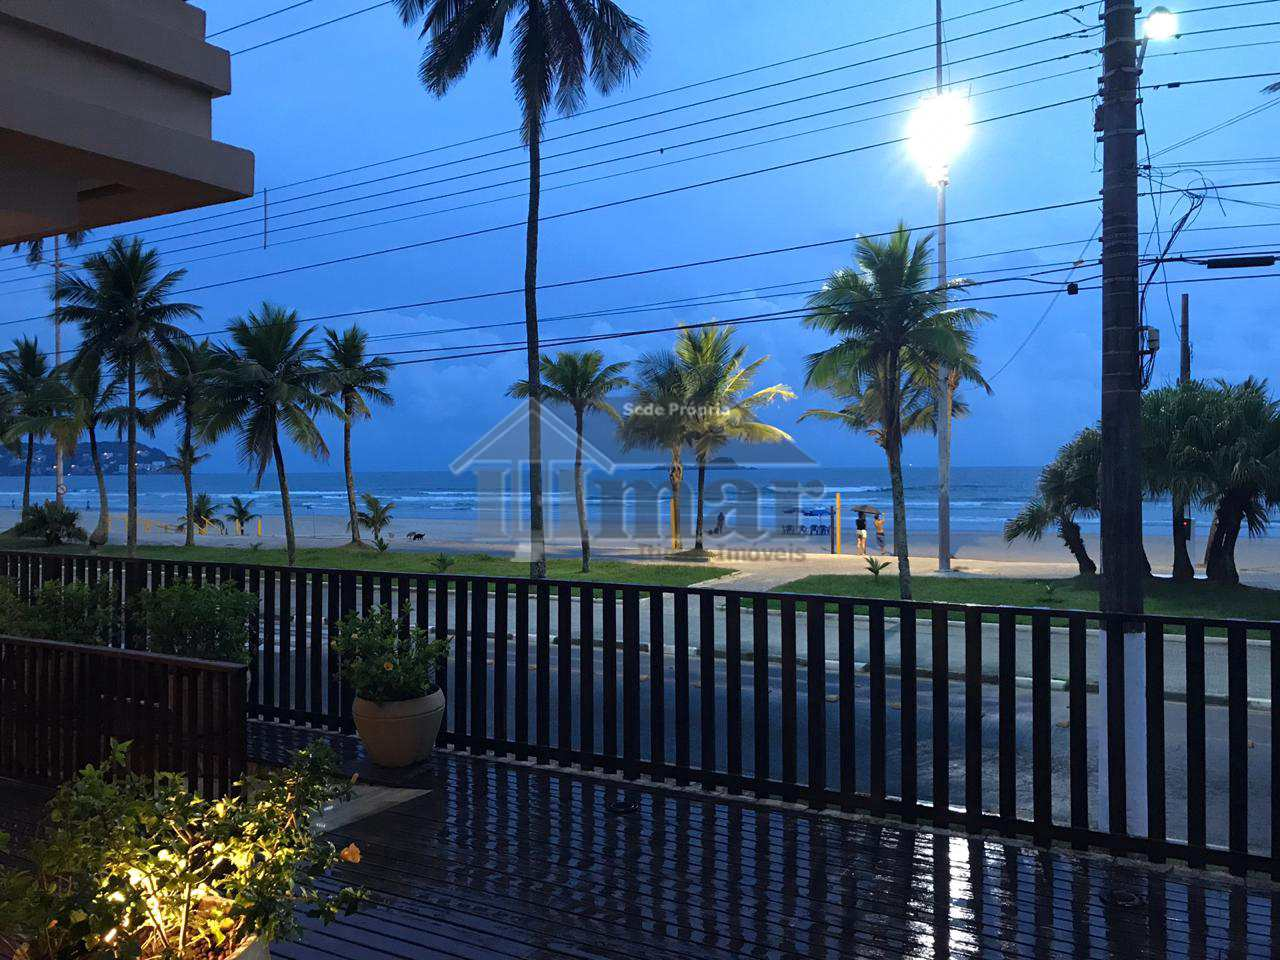 Locação apto frente ao mar, Guarujá, Cod: 5195